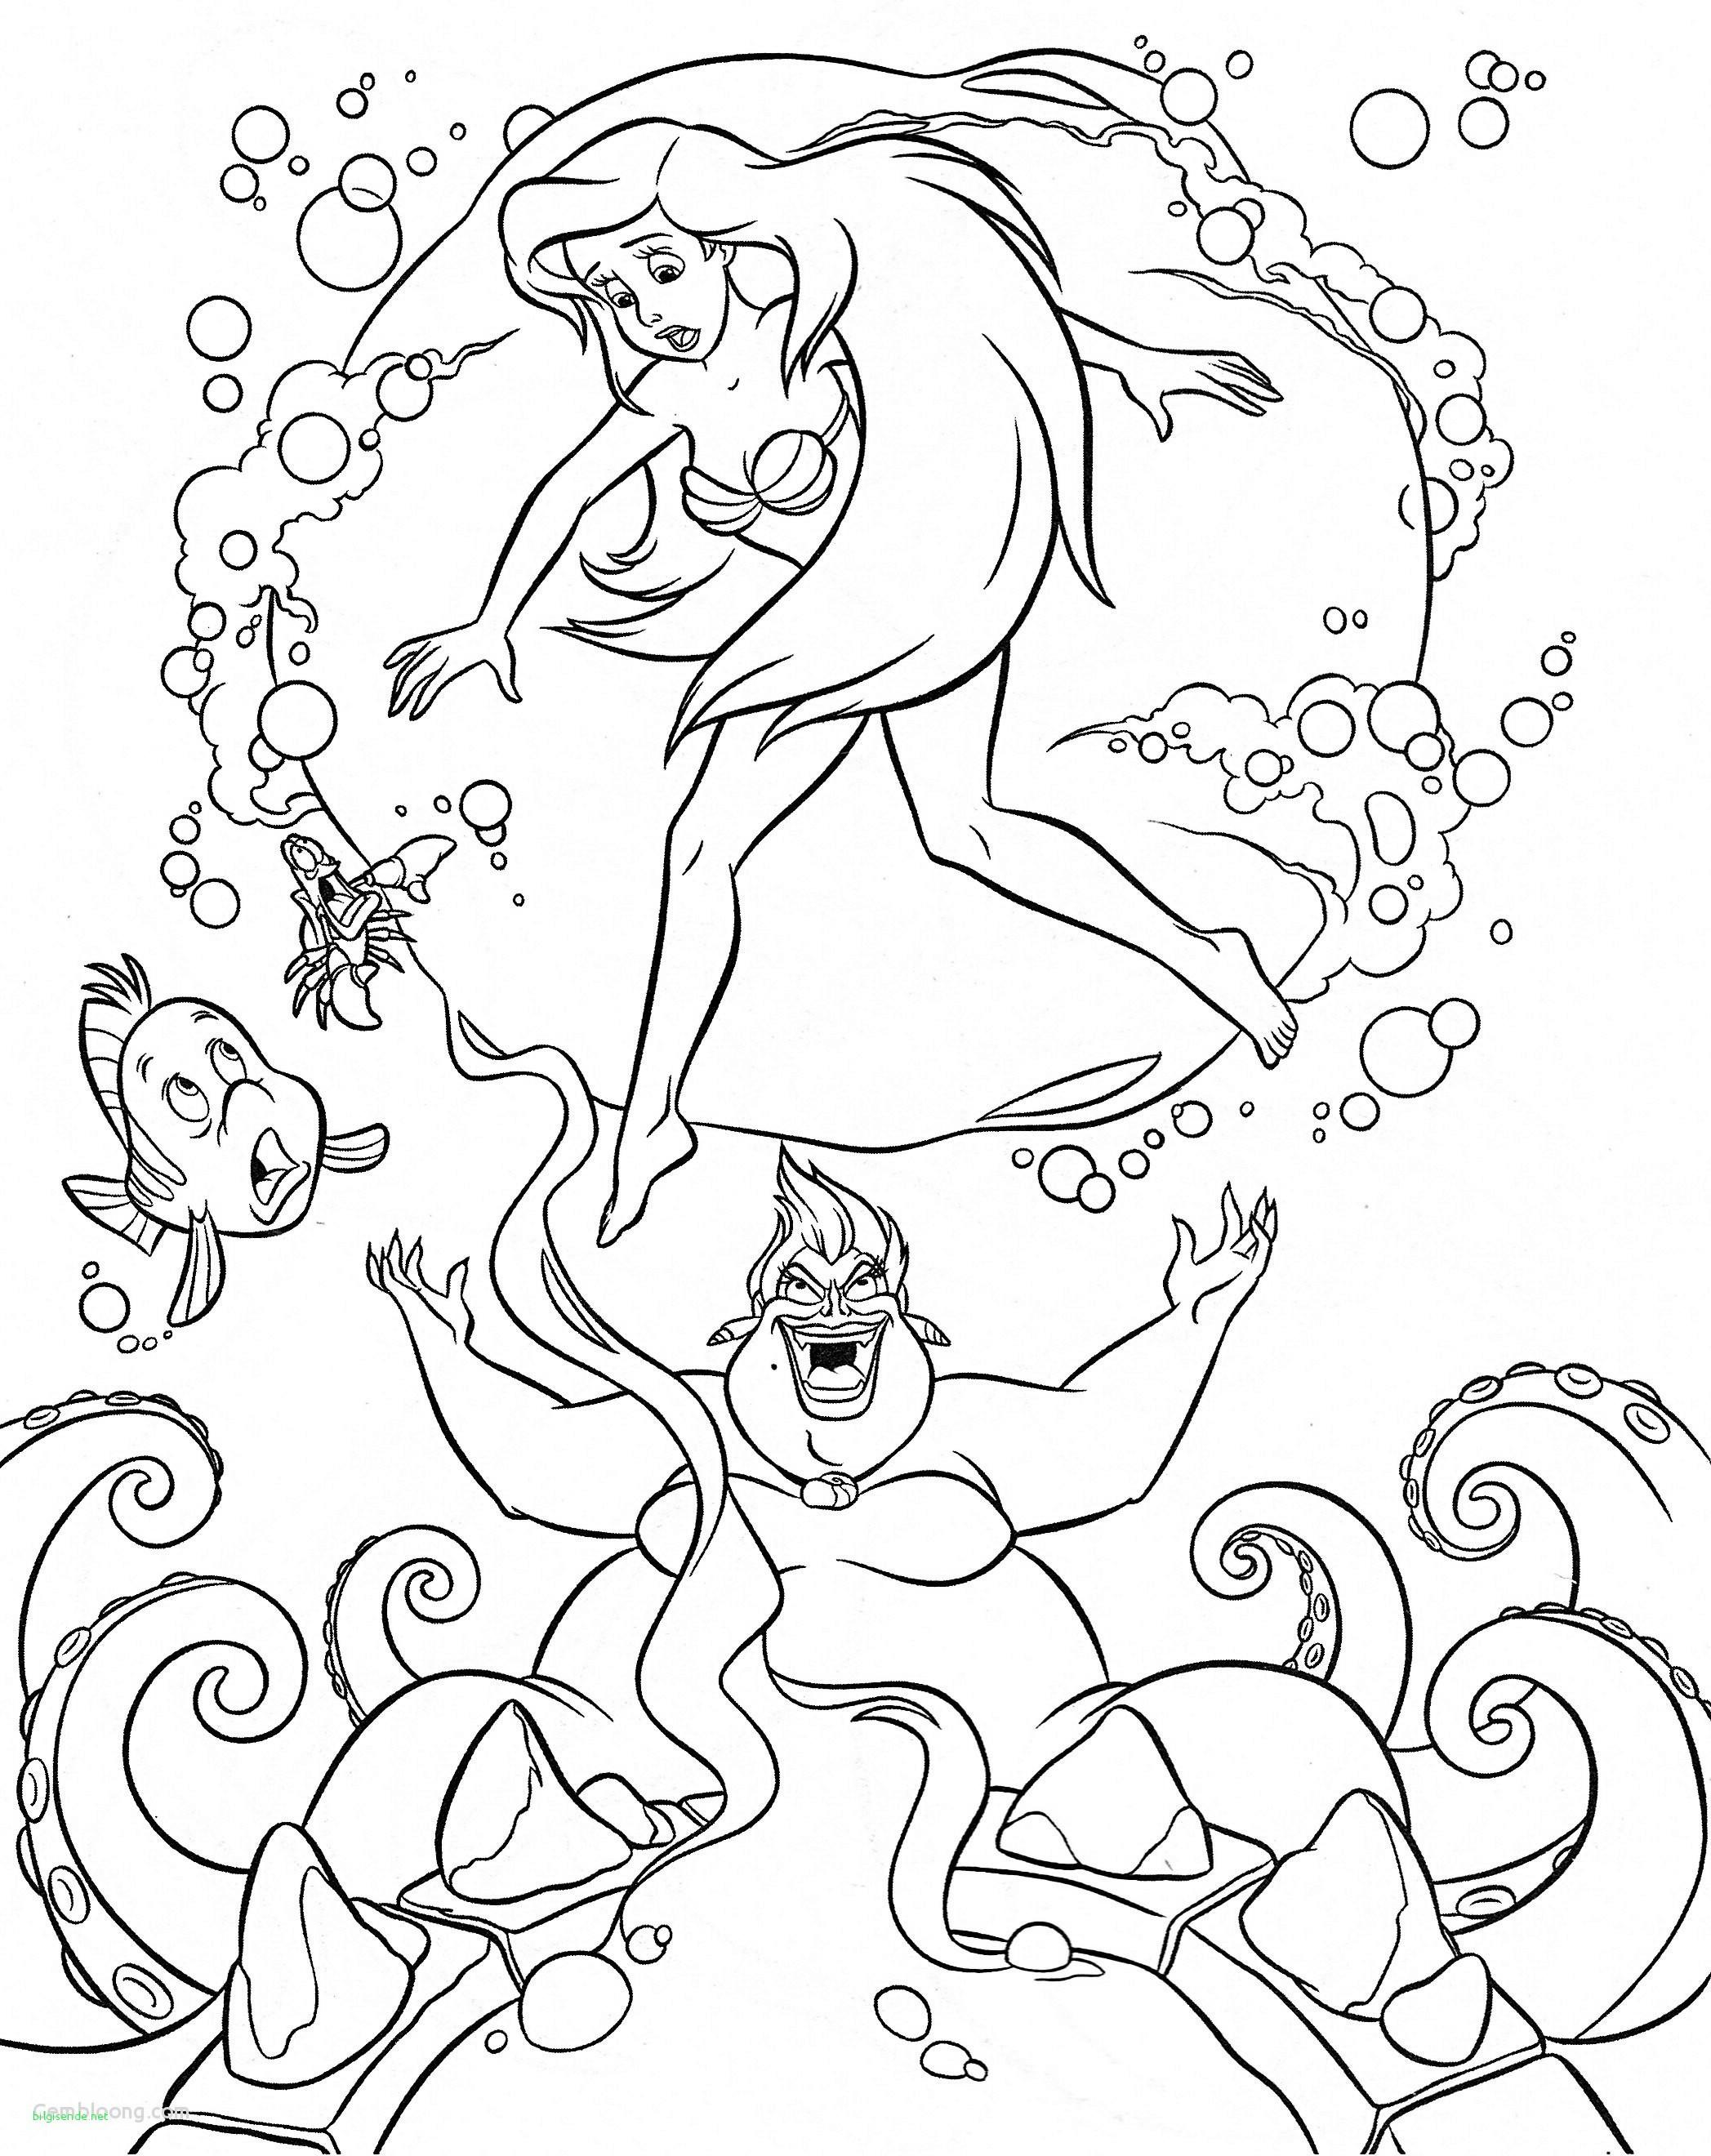 Disney Princess Ausmalbilder Genial Disney Princess Malvorlagen Schön Ausmalbilder Belle Bild